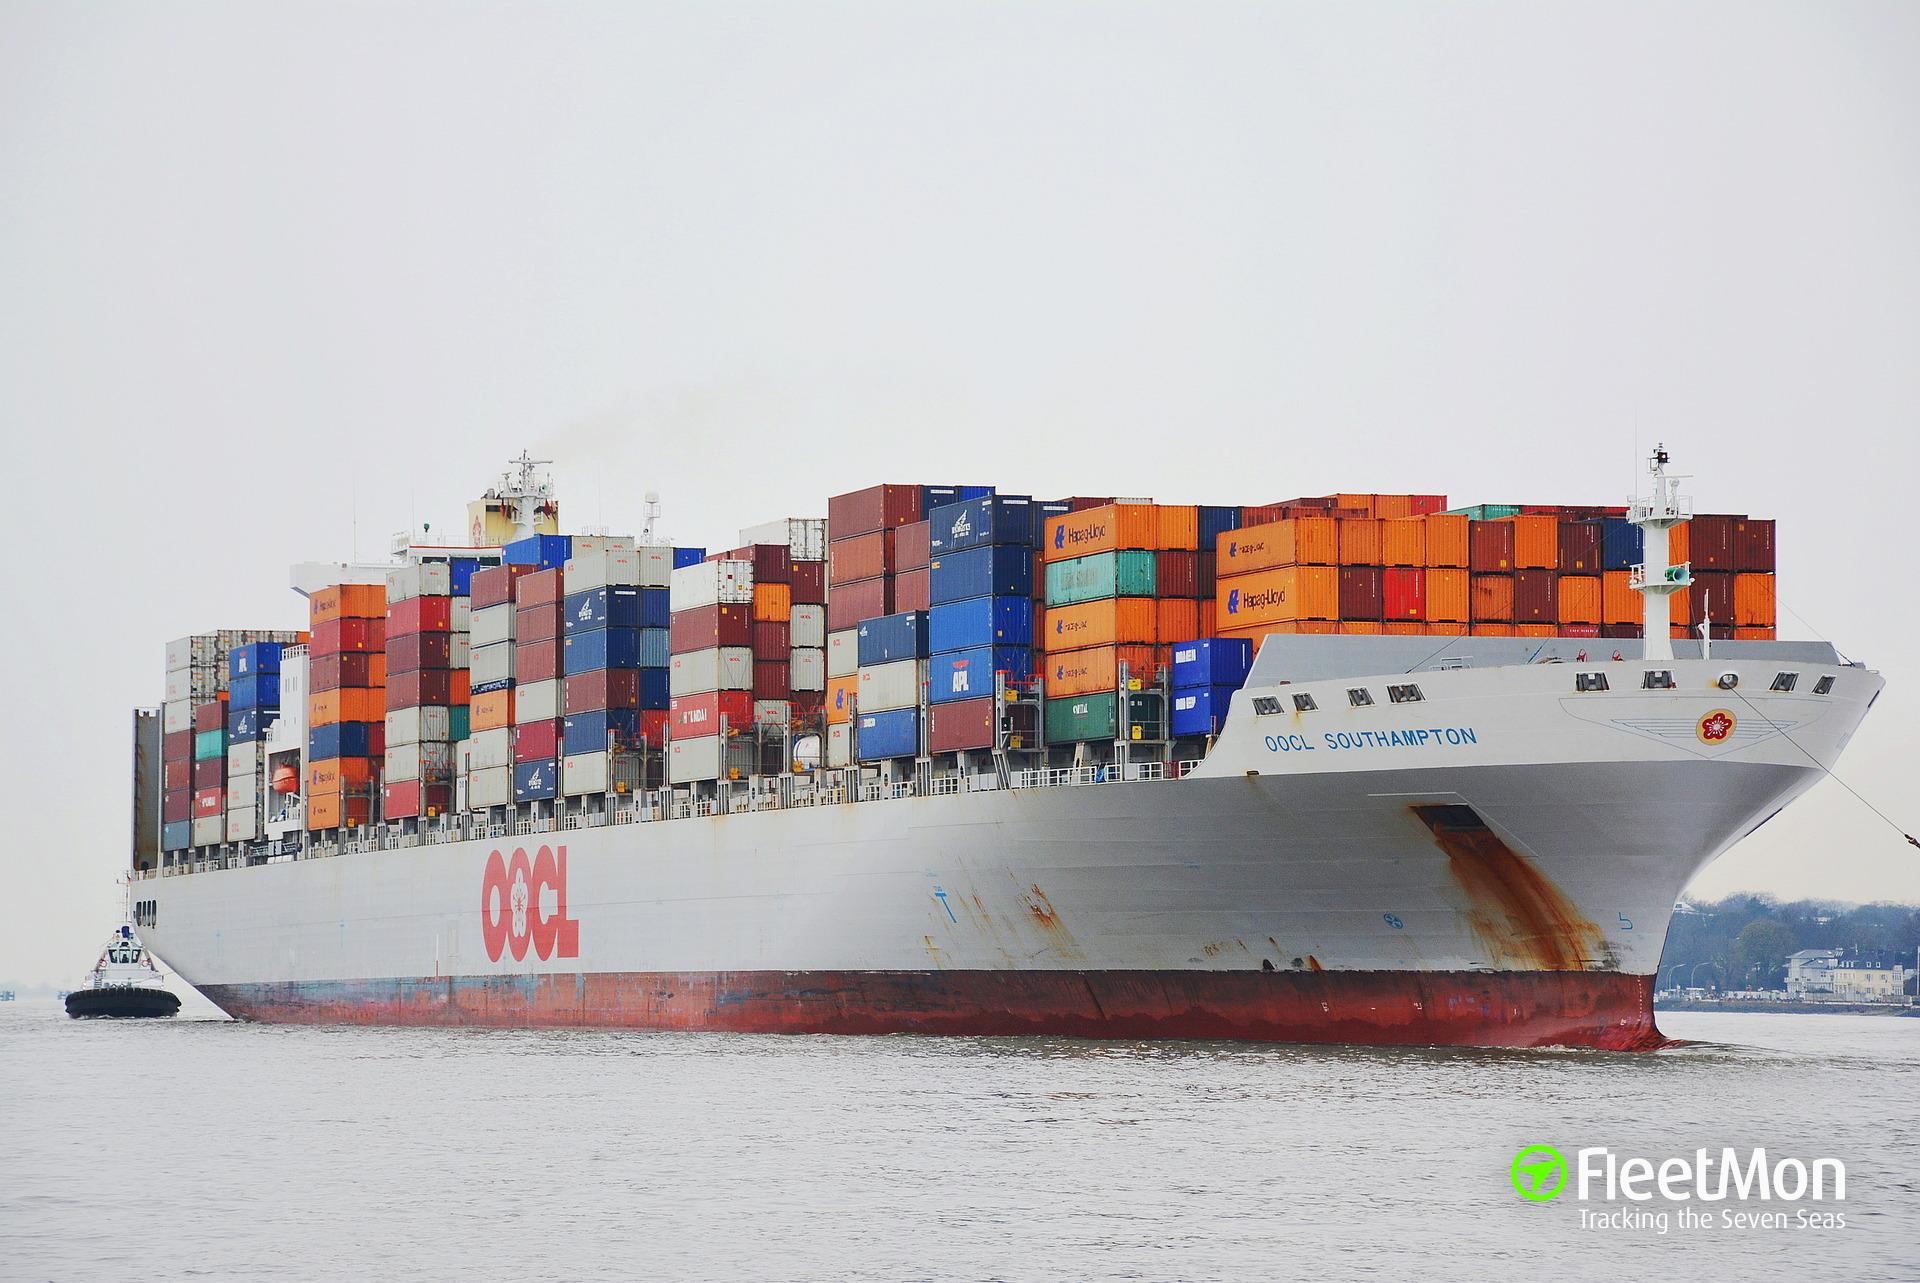 m/v Hang Sheng 18 sank after collision with boxship OOCL Southampton off Hong Kong